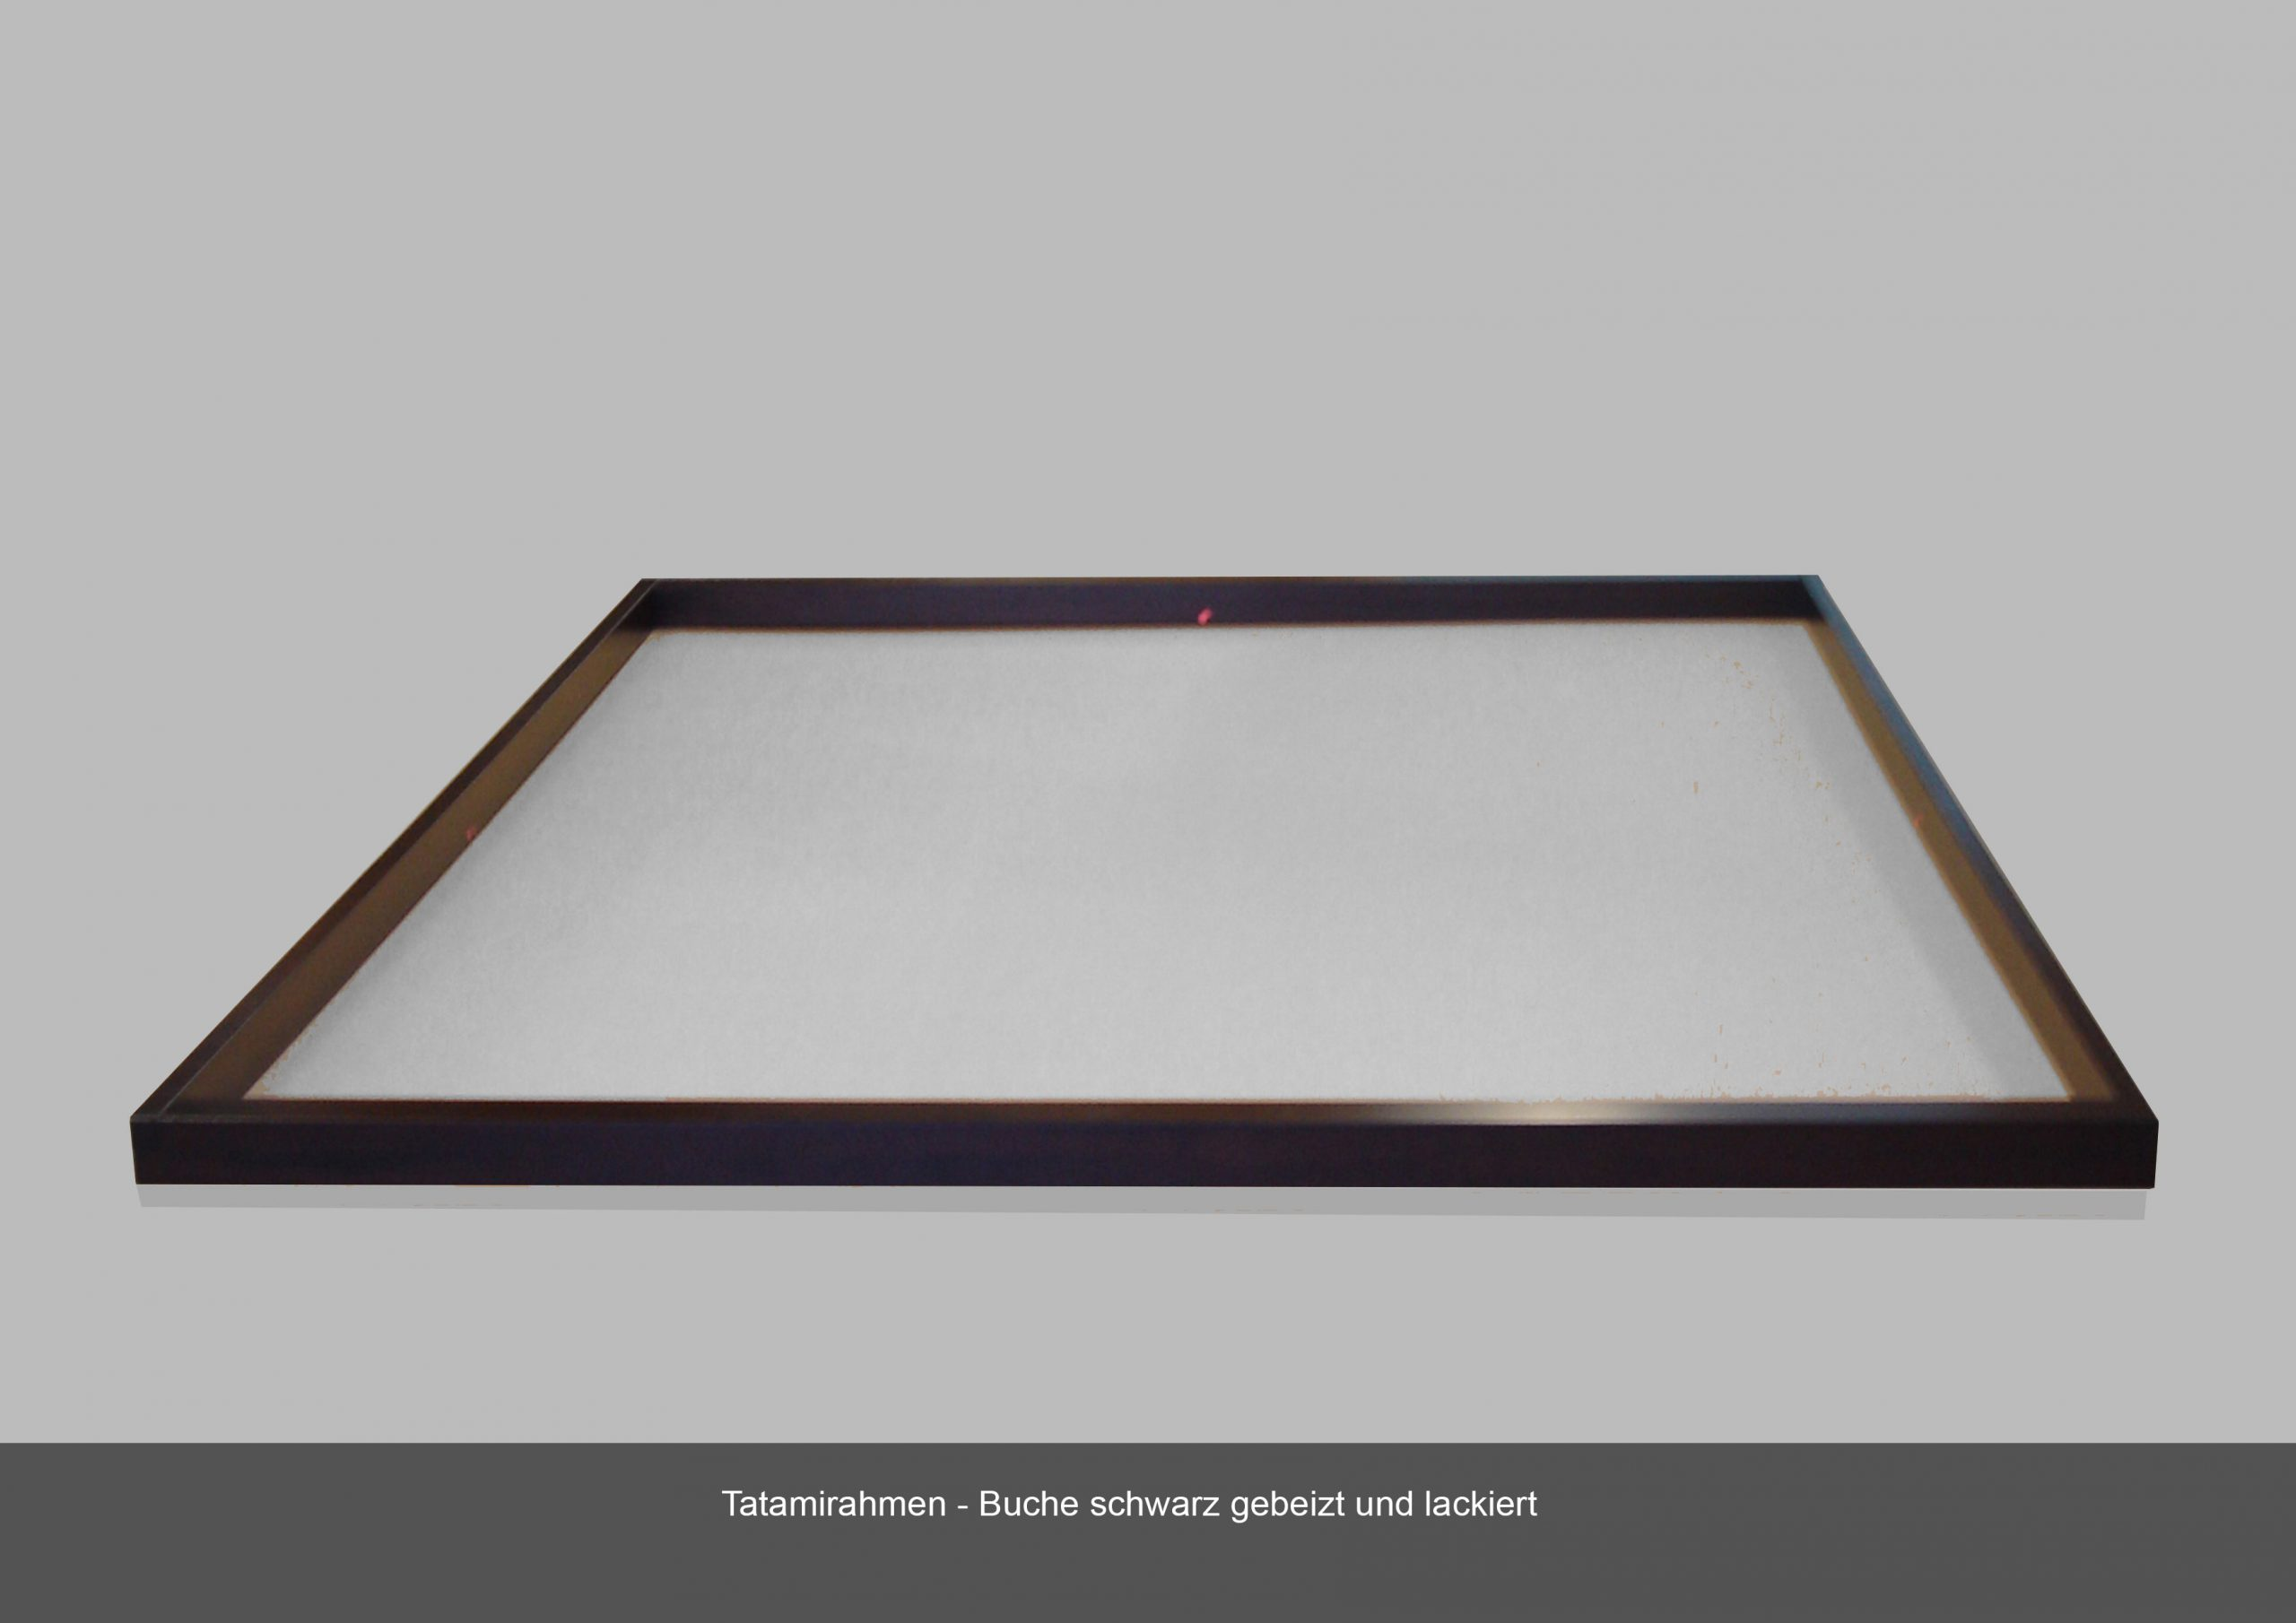 Tatamirahmen Massivholz Buche schwarz gebeizt lackiert